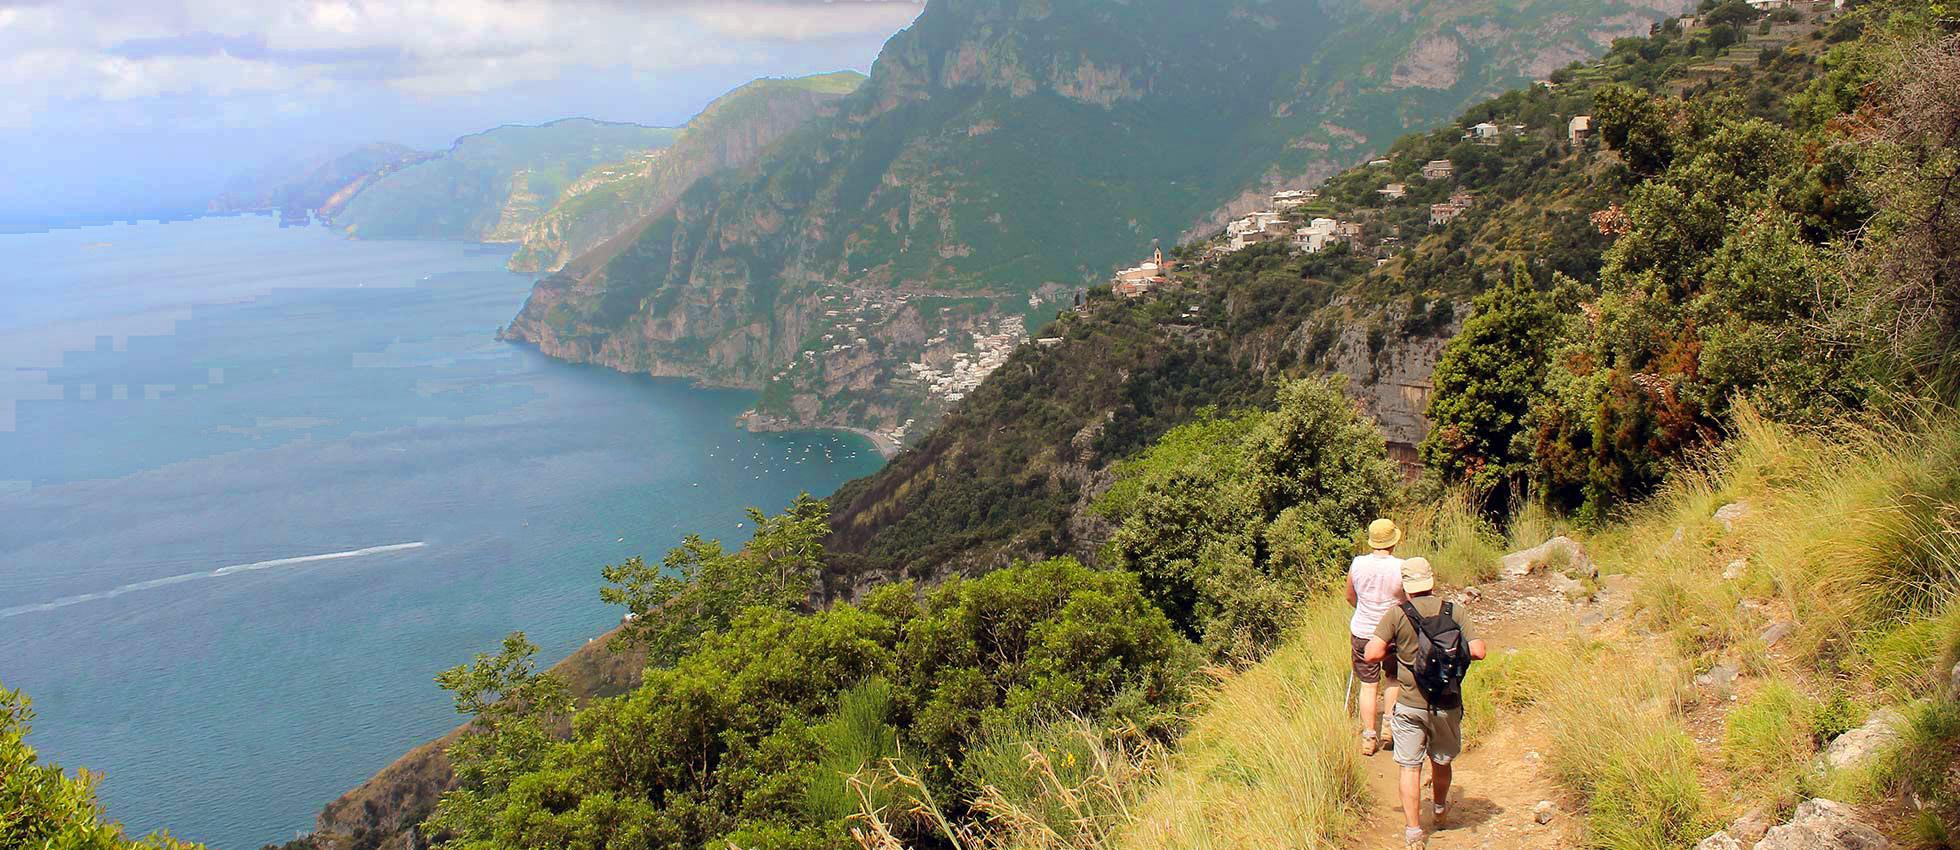 Sentiero-degli-Dei-Amalfi-Coast